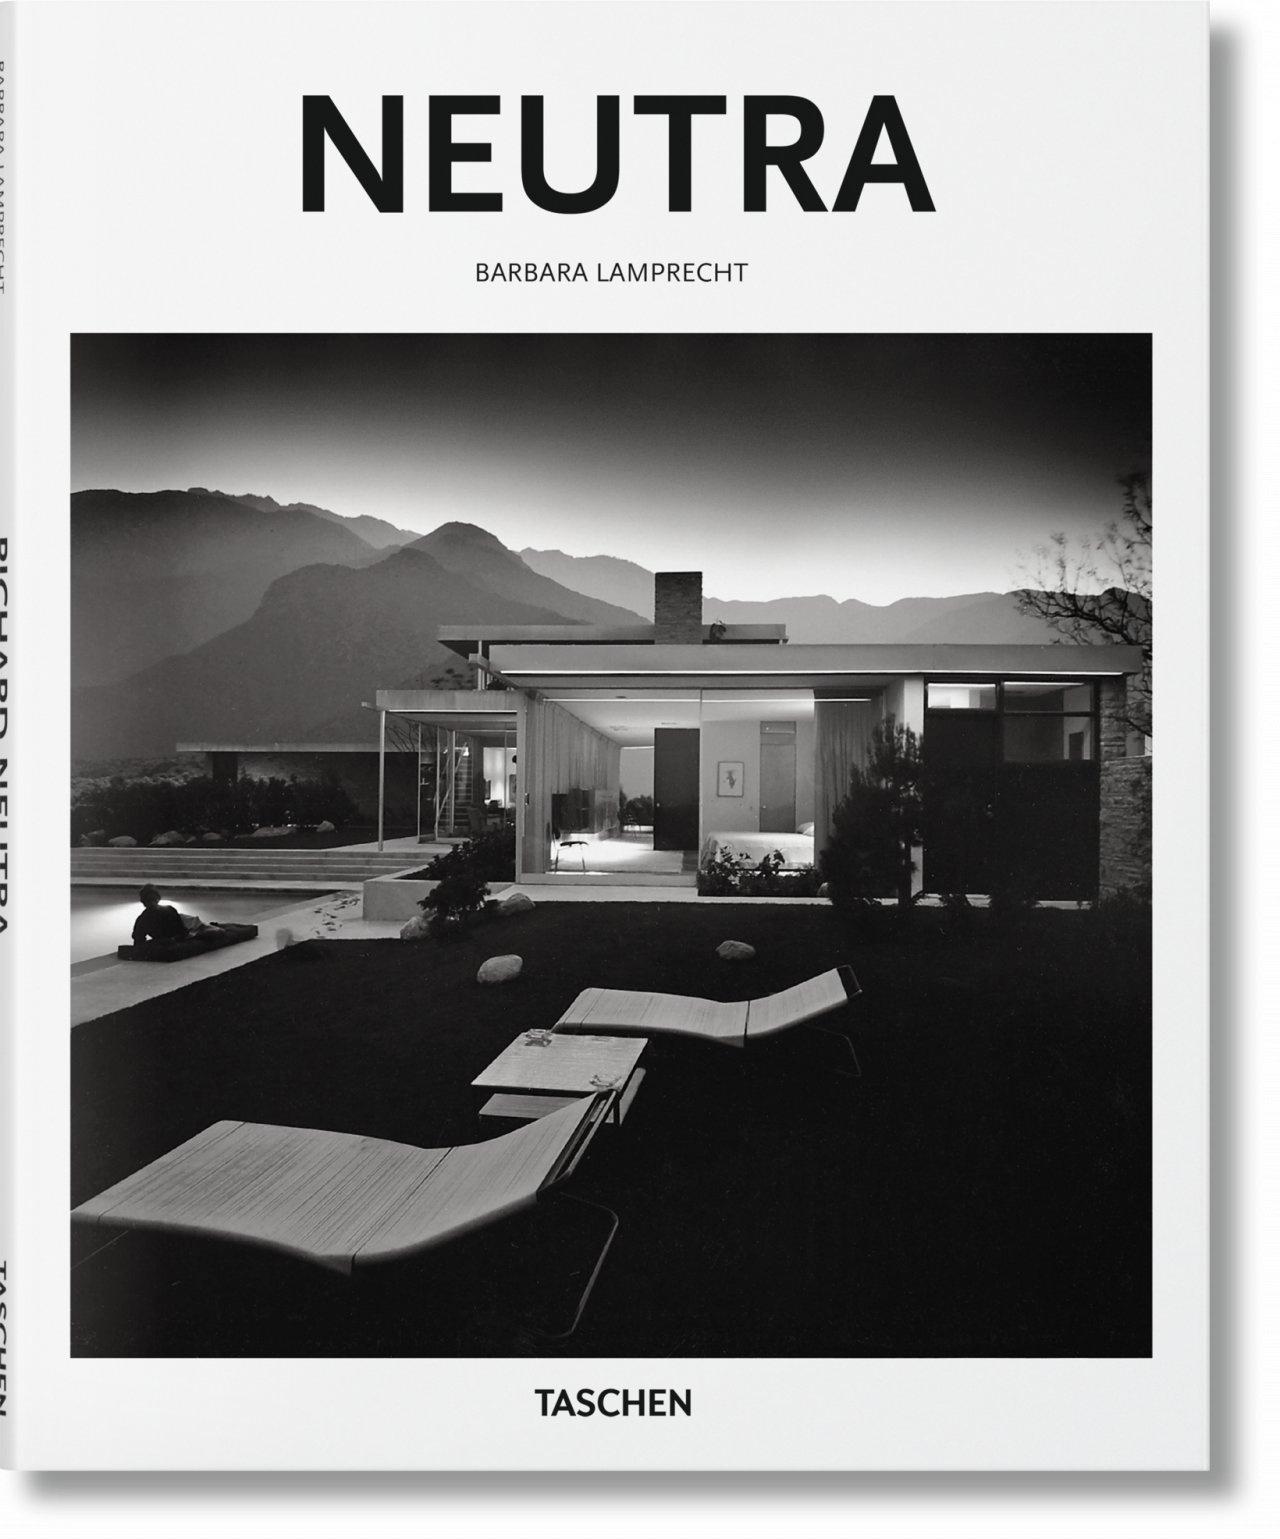 NEUTRA - BA